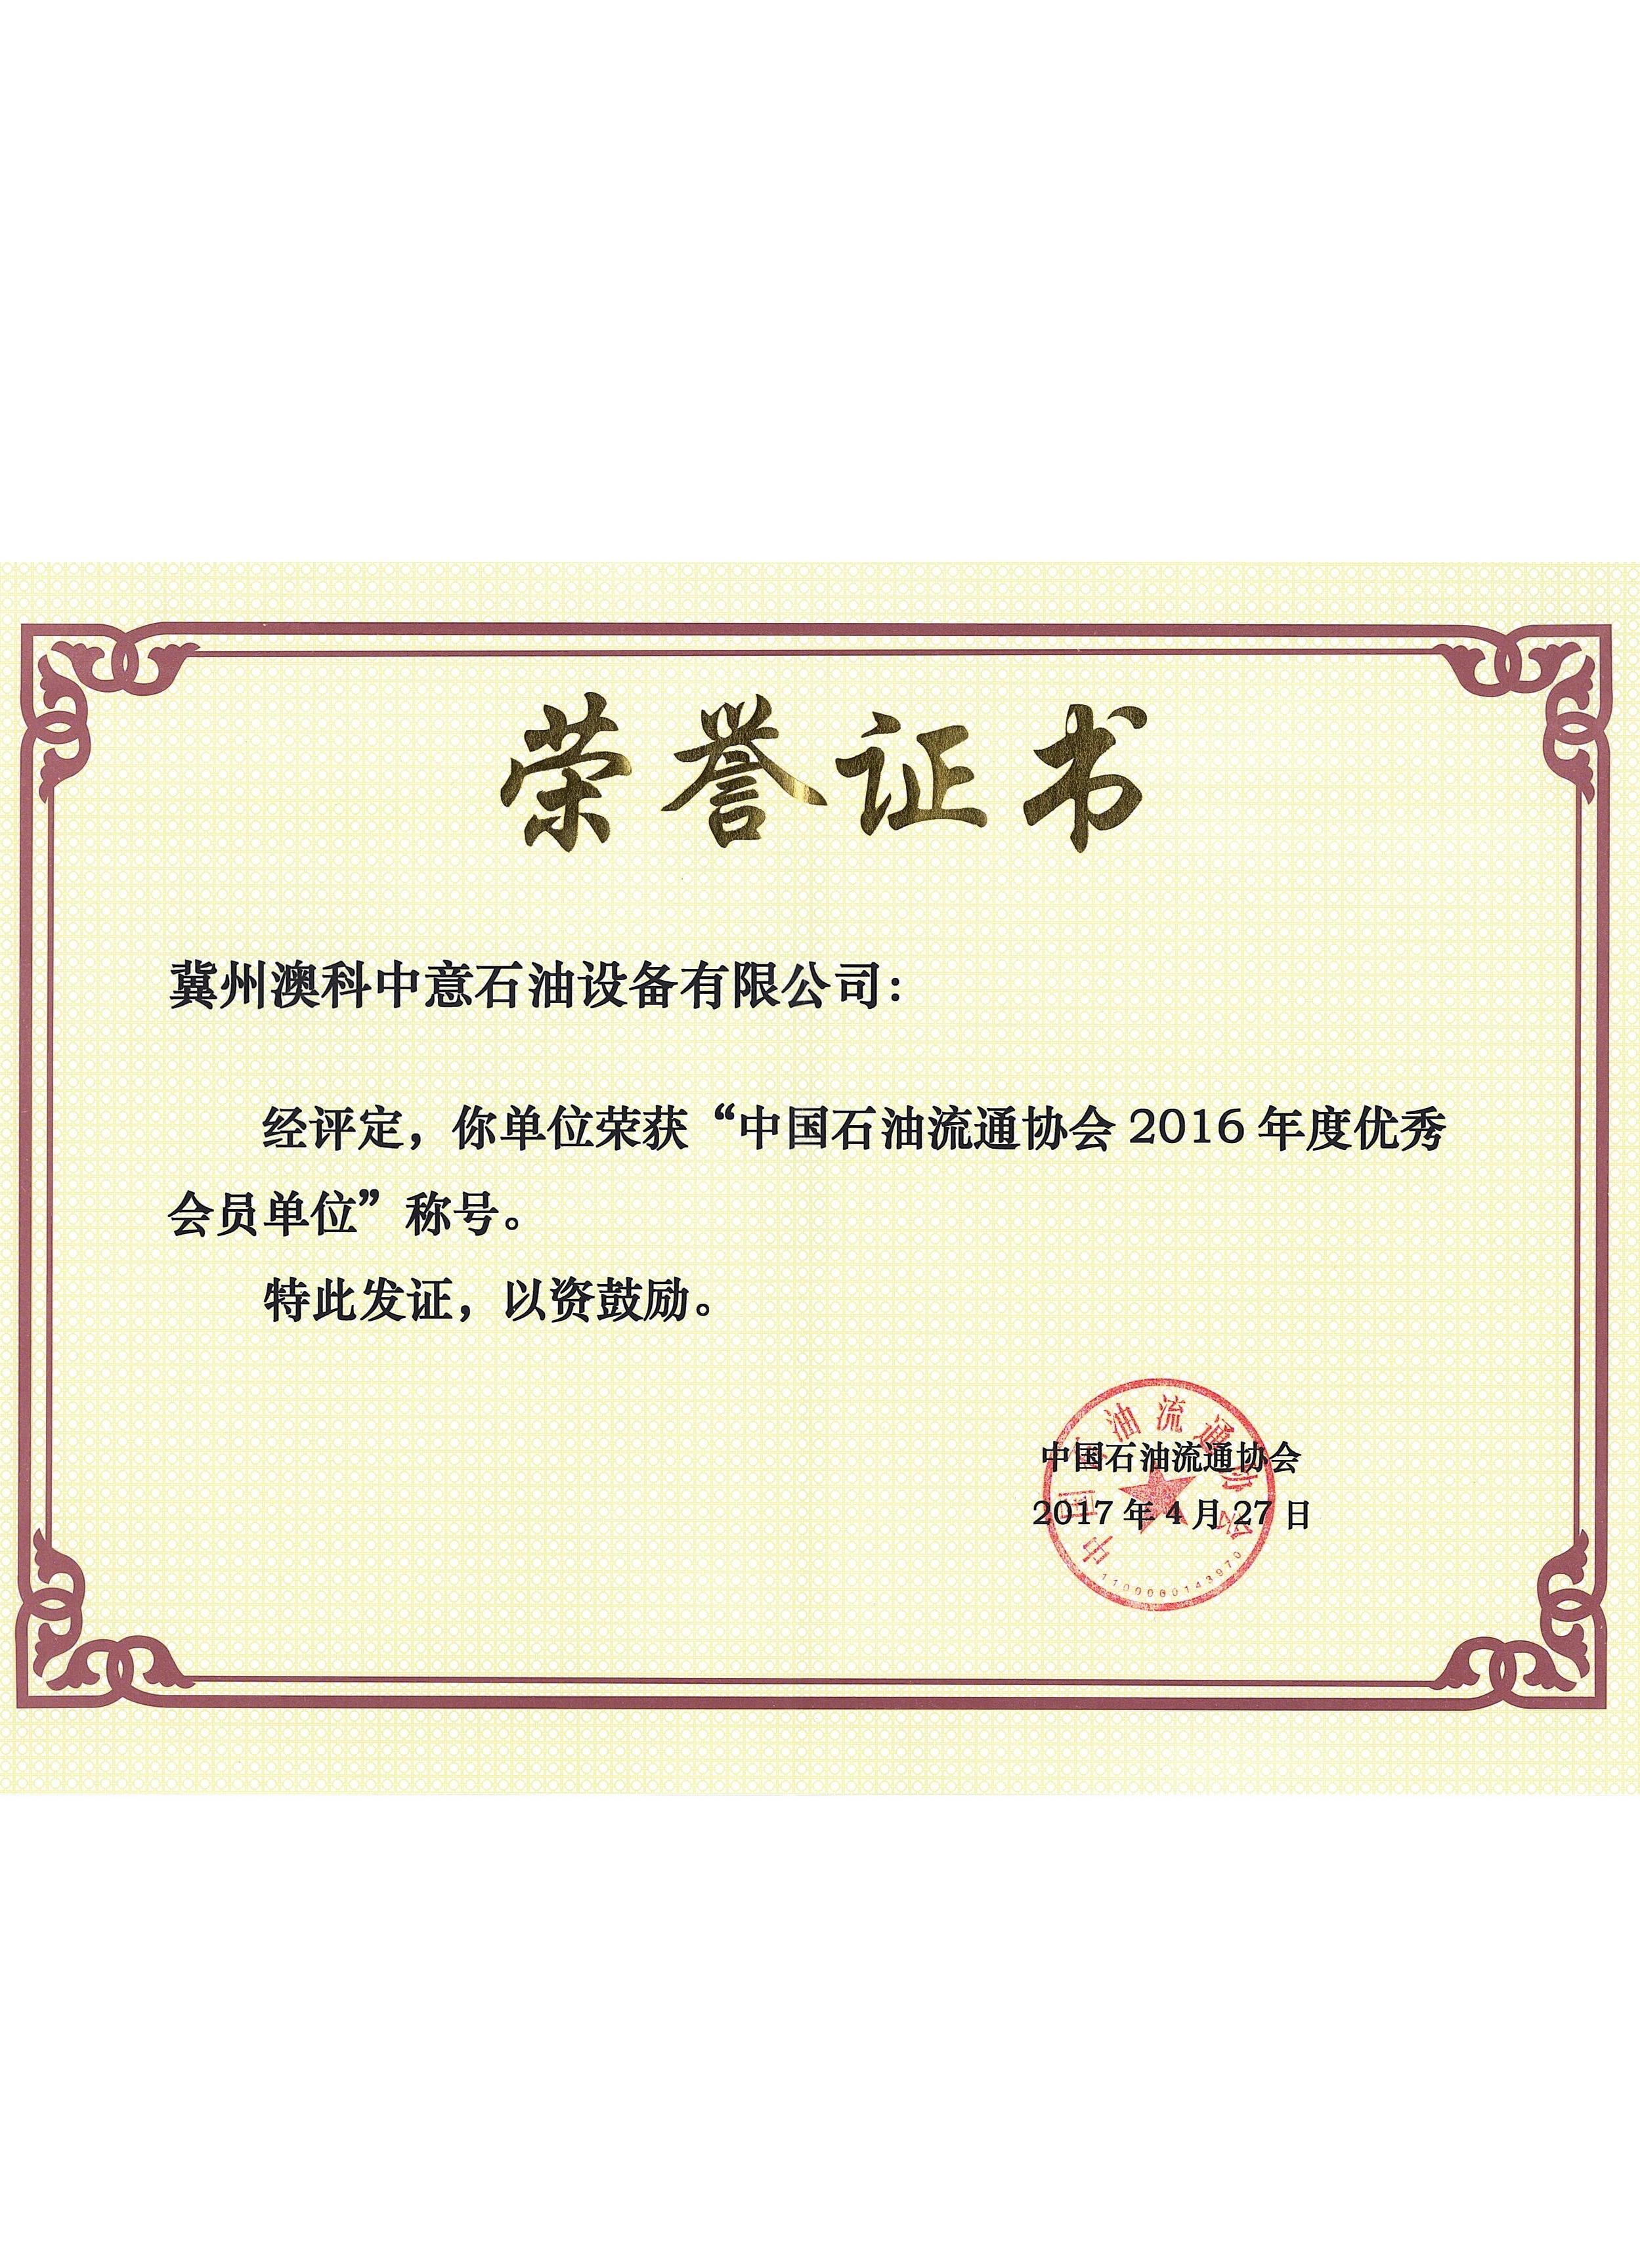 中石油流通协会荣誉证书